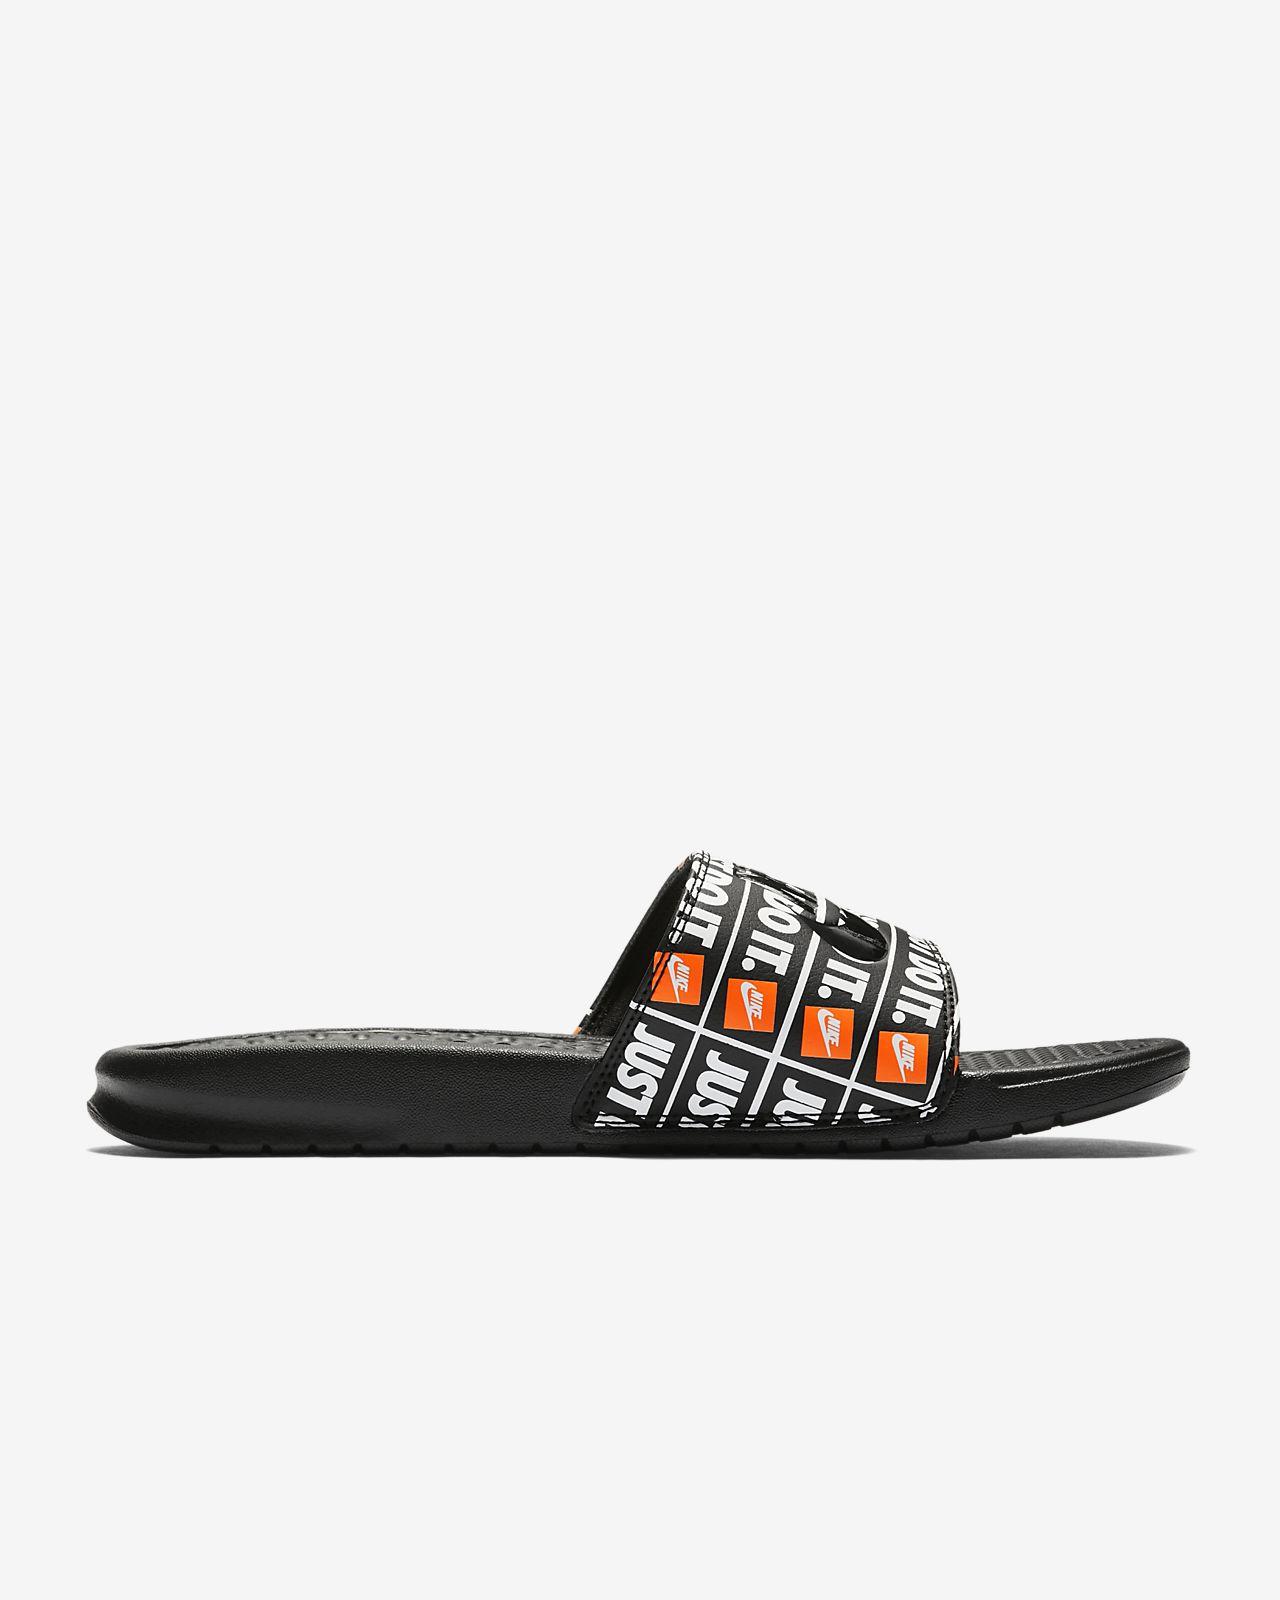 bba519f3c3c Nike Solarsoft Pour Homme claquette nike pour homme. Nike Claquettes  Benassi Just Do It Femme